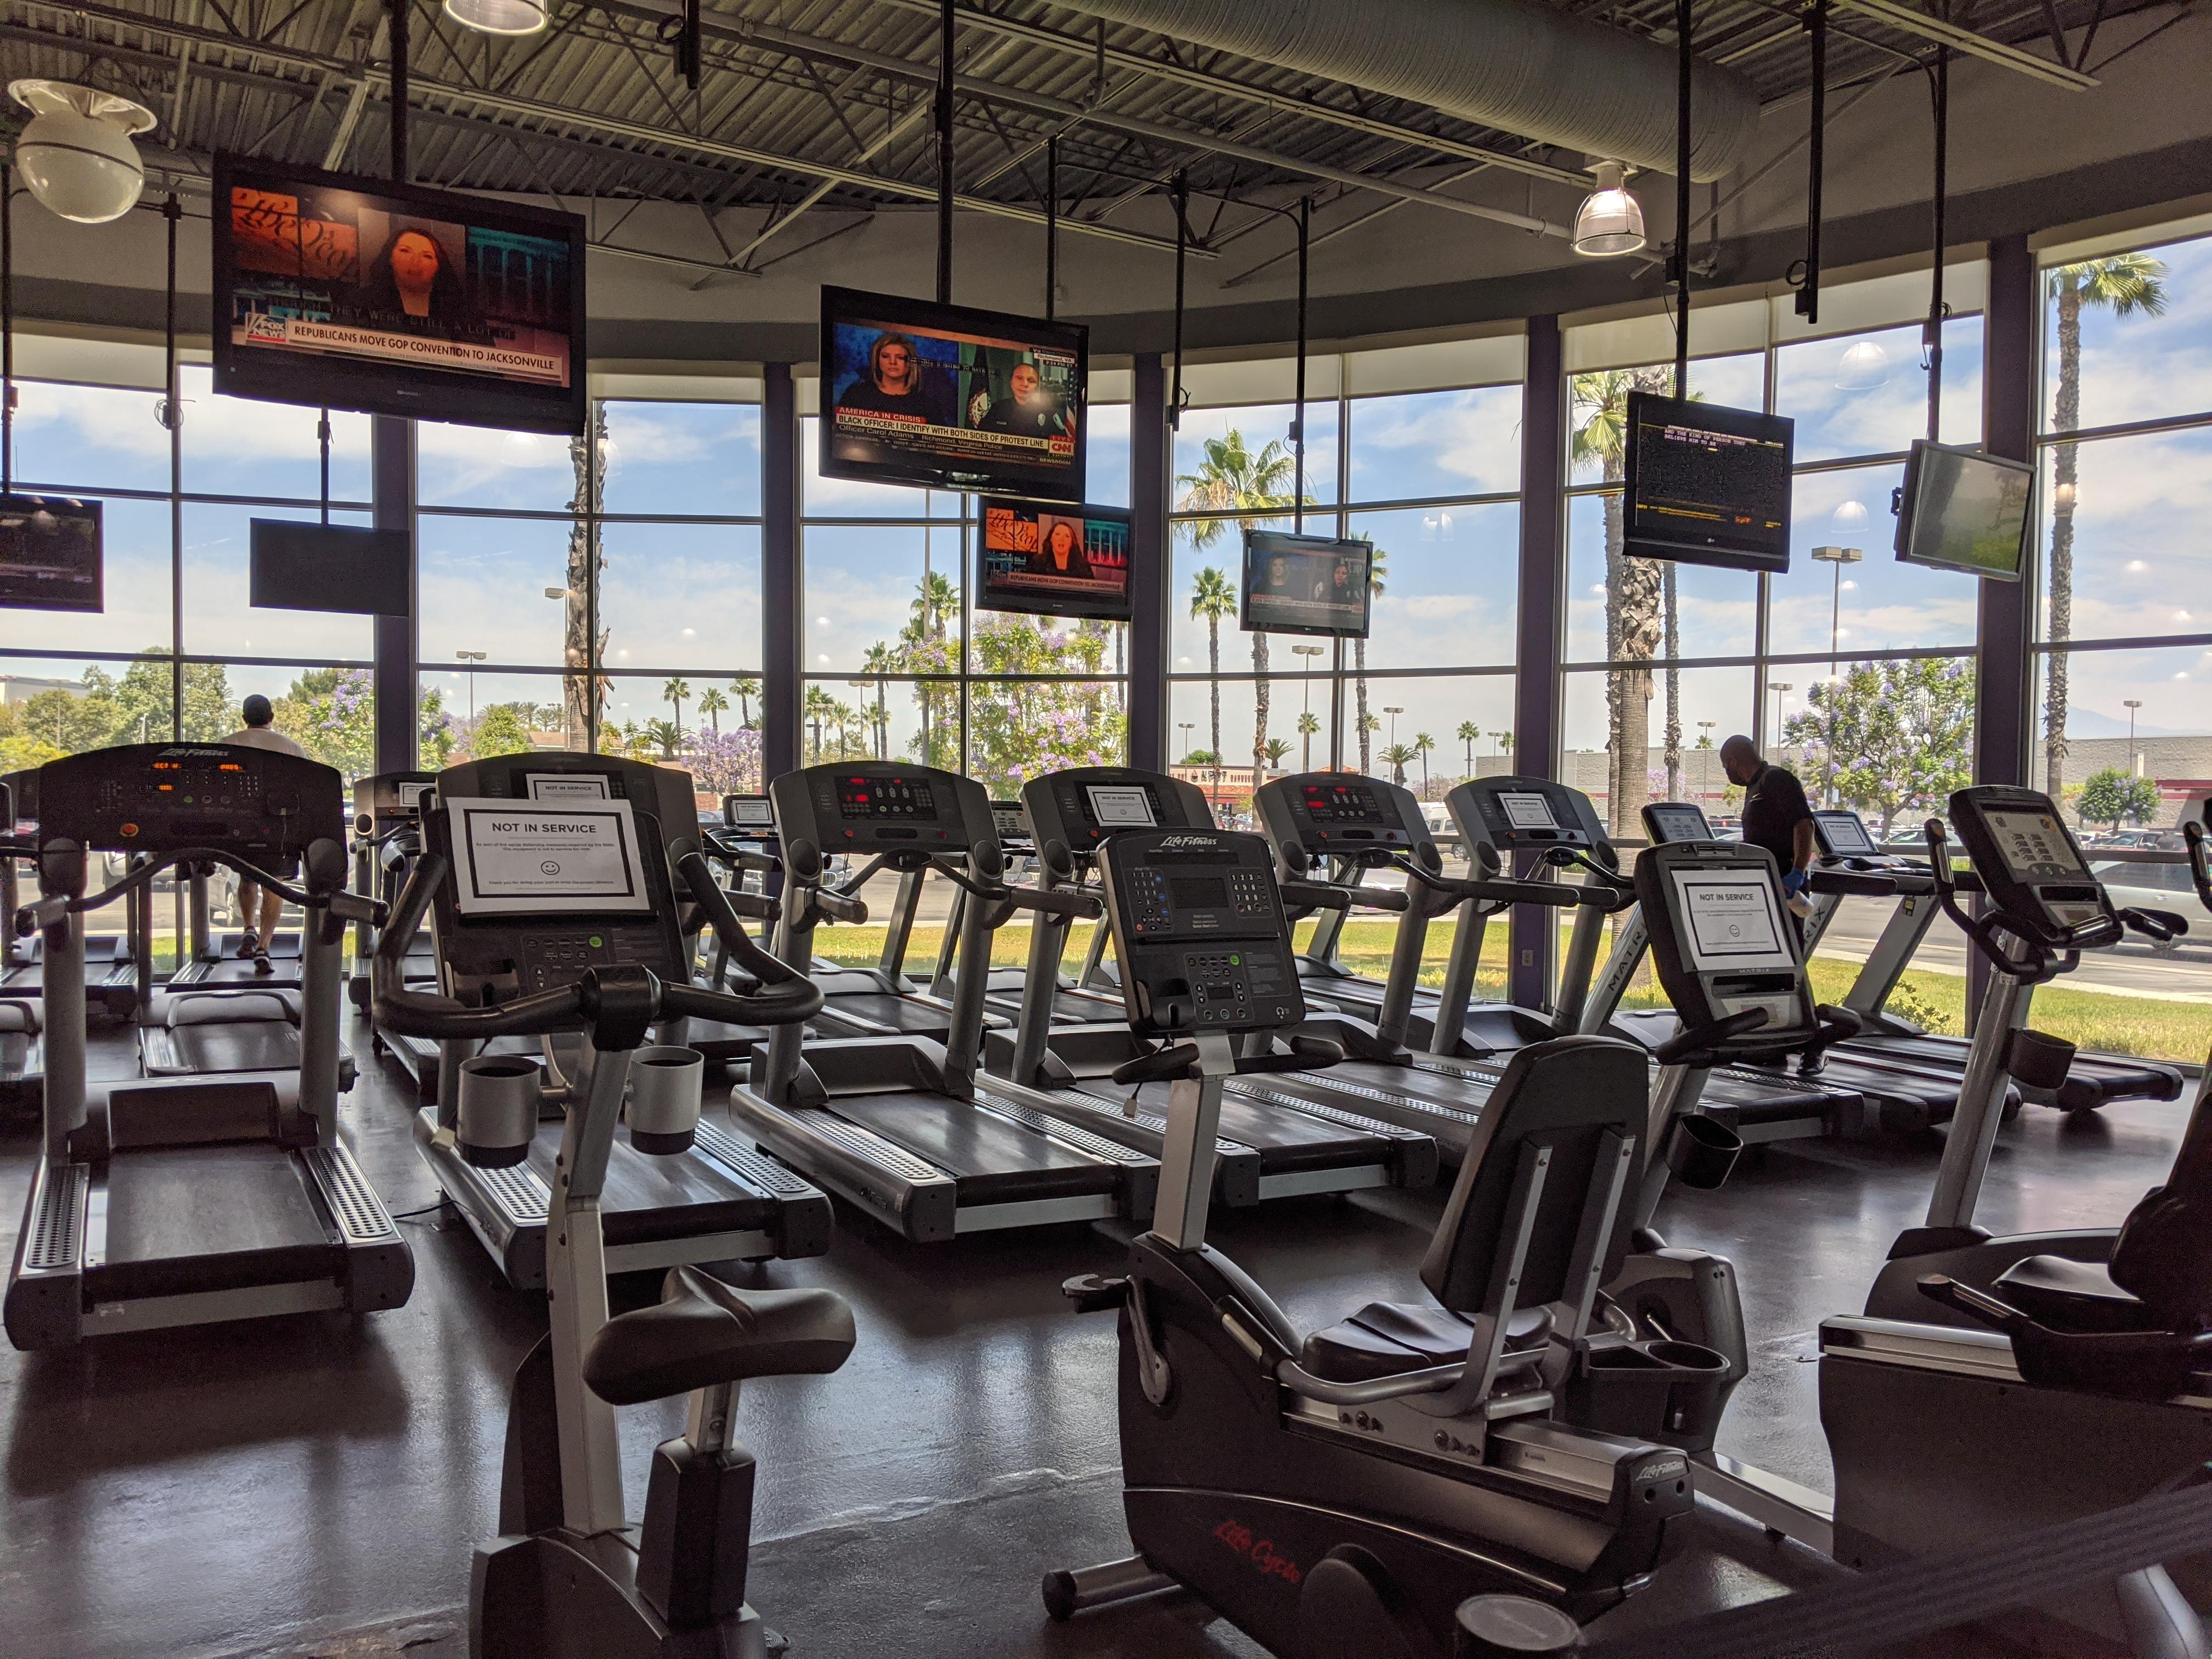 資深教練:中國健身室將面臨倒閉潮